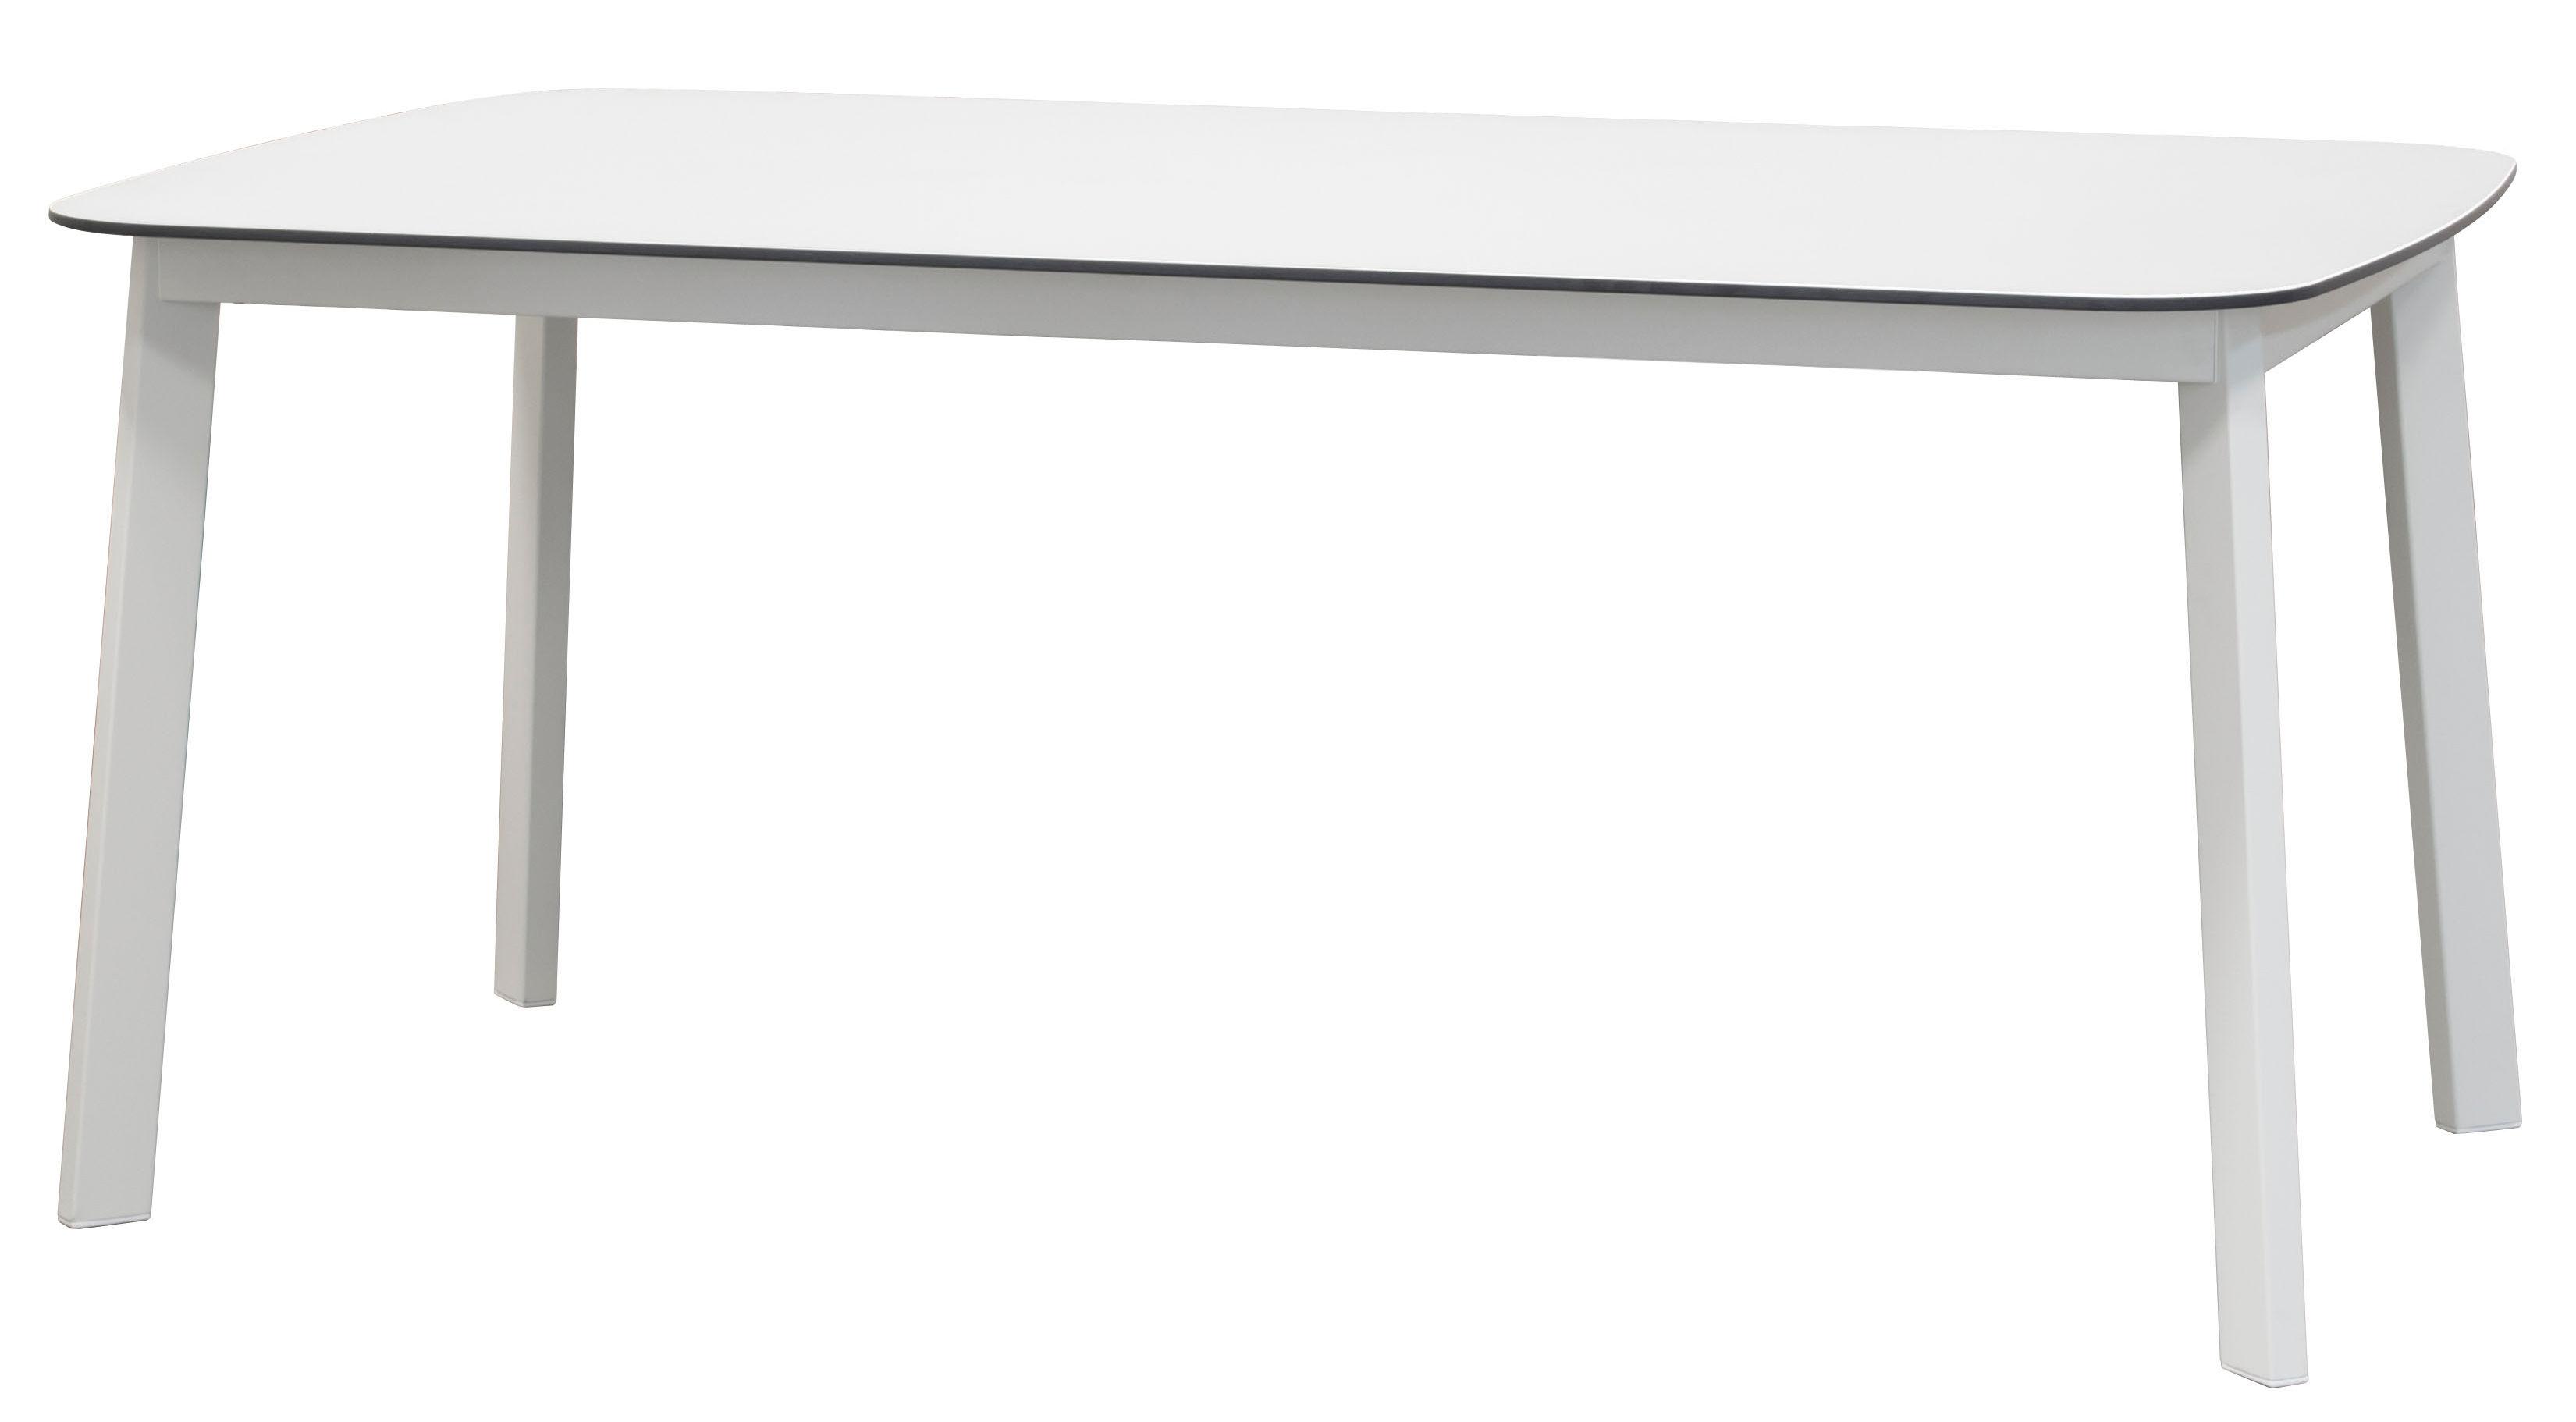 Scopri Tavolo Shine Piano Hpl 166 X 100 Cm Bianco